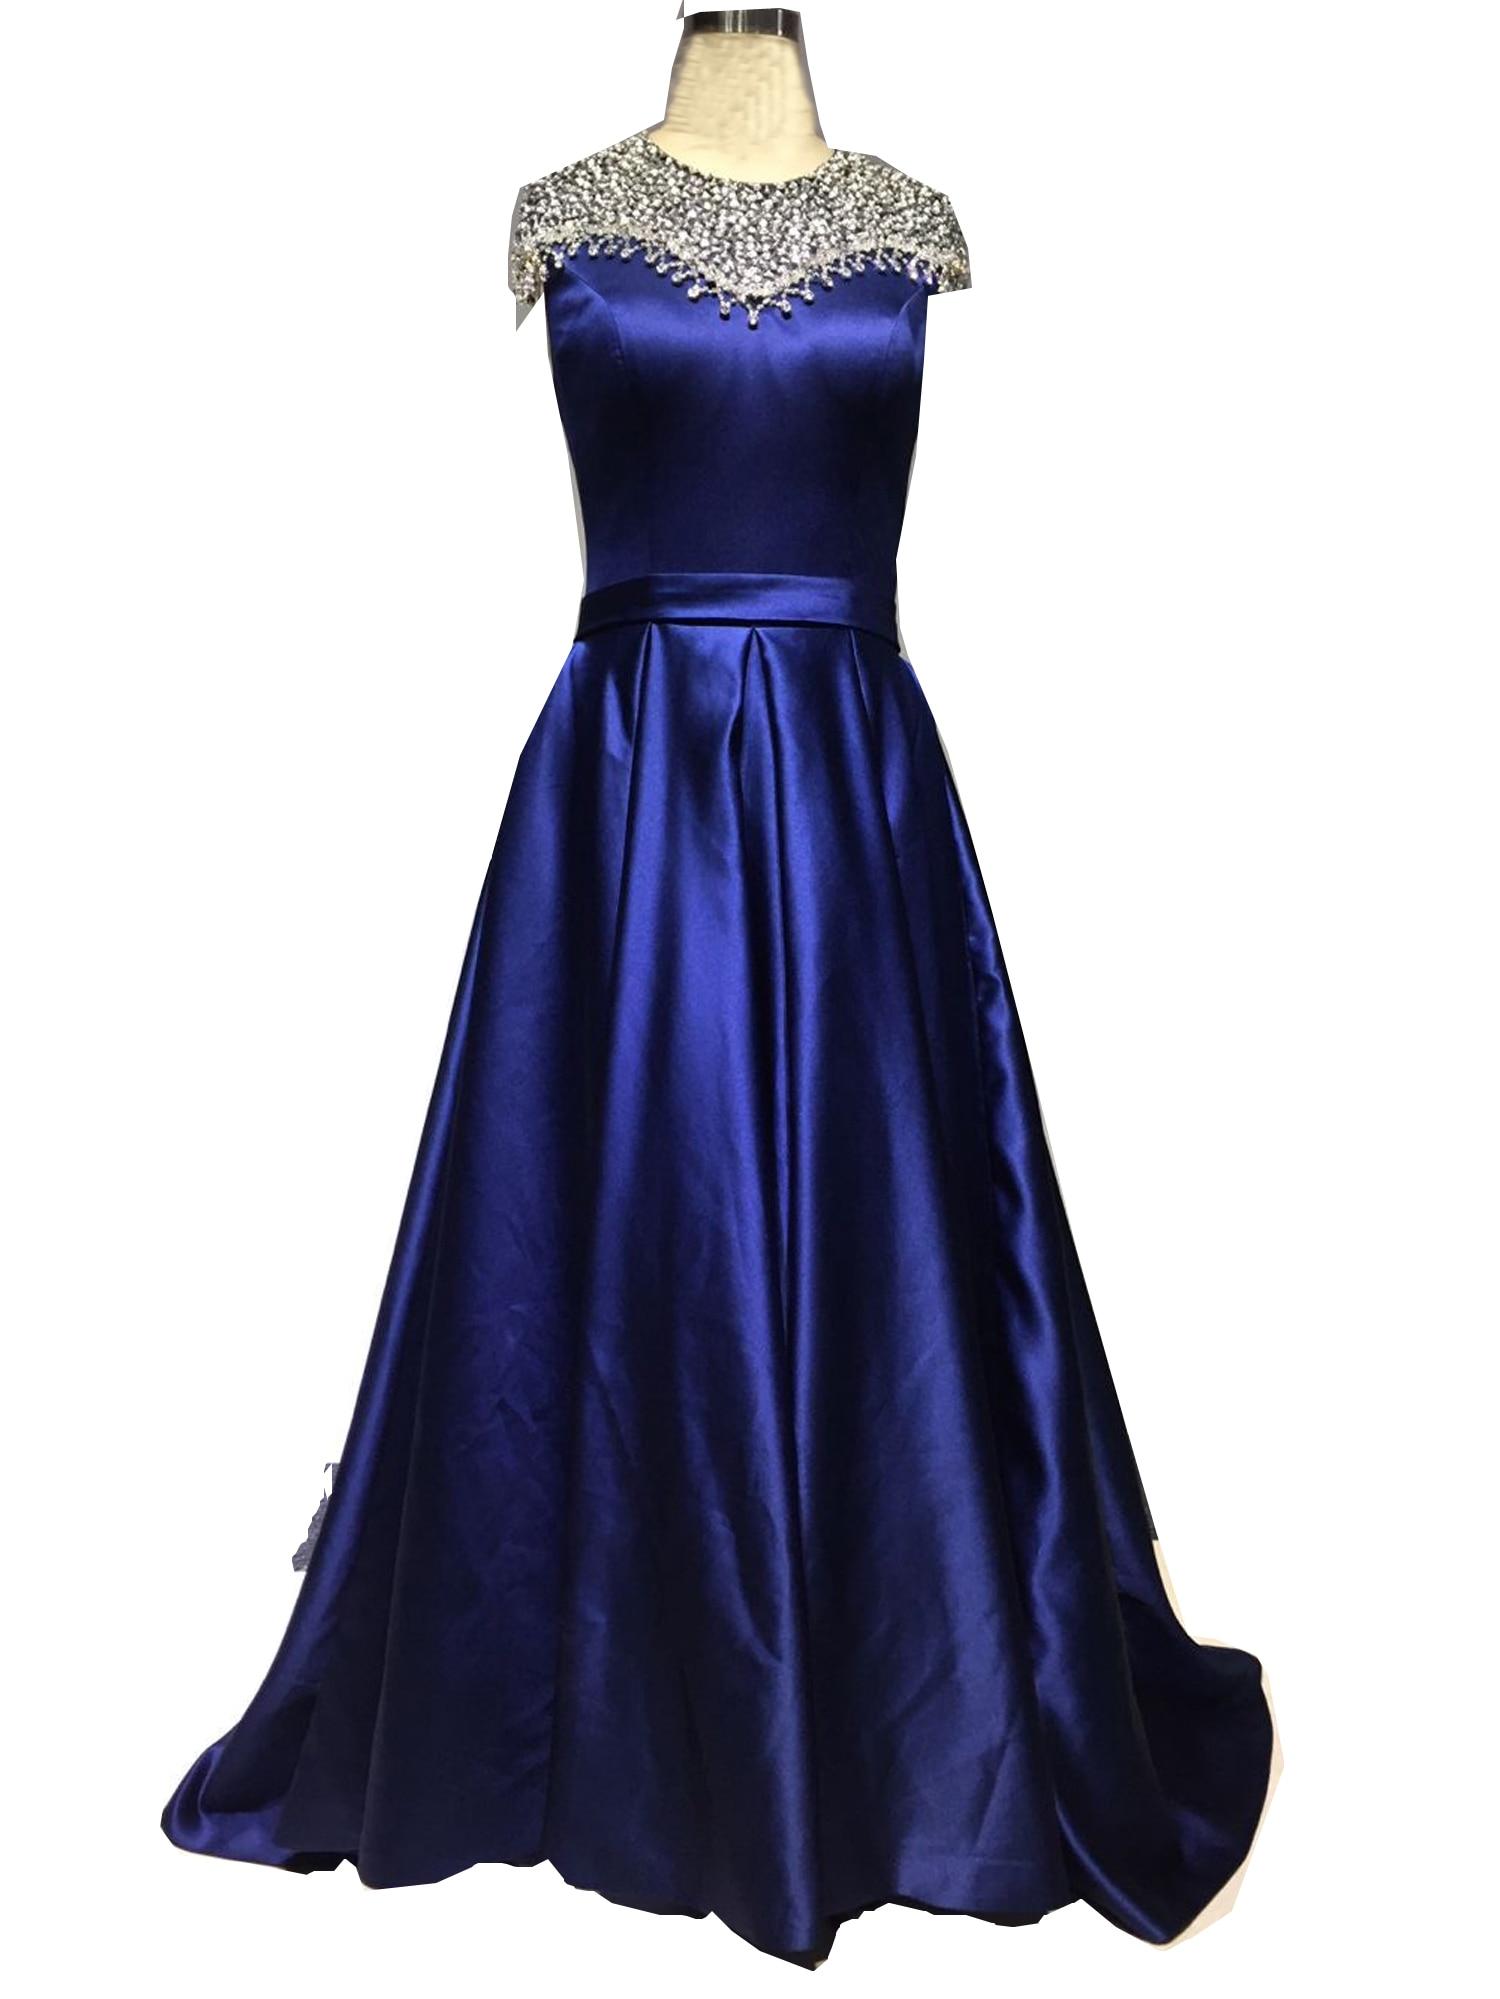 Satin une ligne ceintures fermeture éclair perles cristal robes de soirée portrait cristaux Swarovski bleu marine